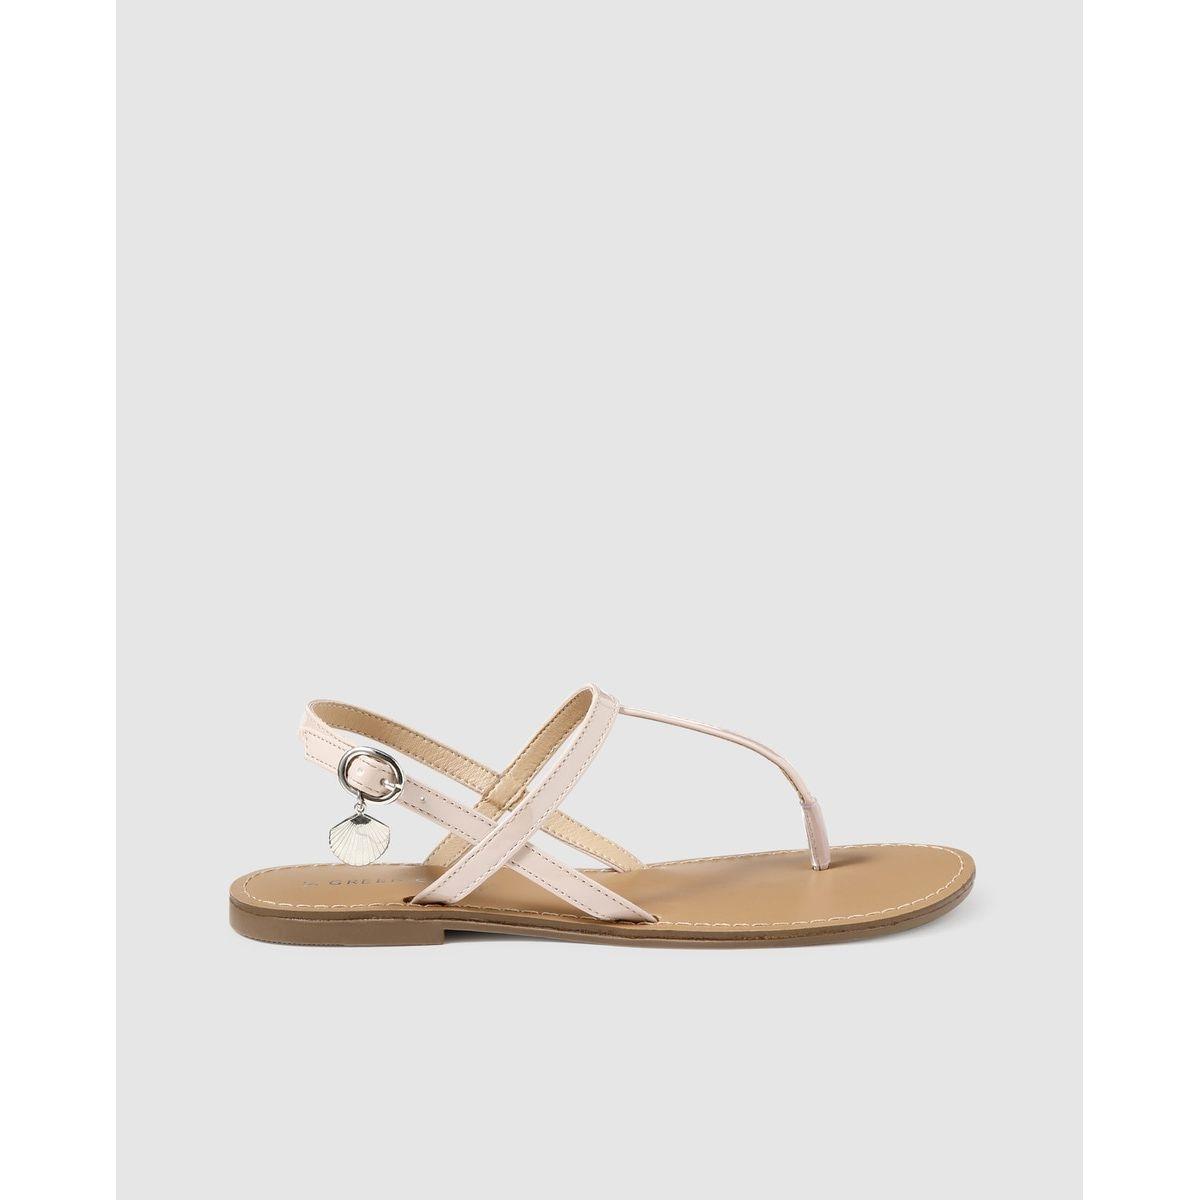 Sandales plates  nude avec décoration nupieds